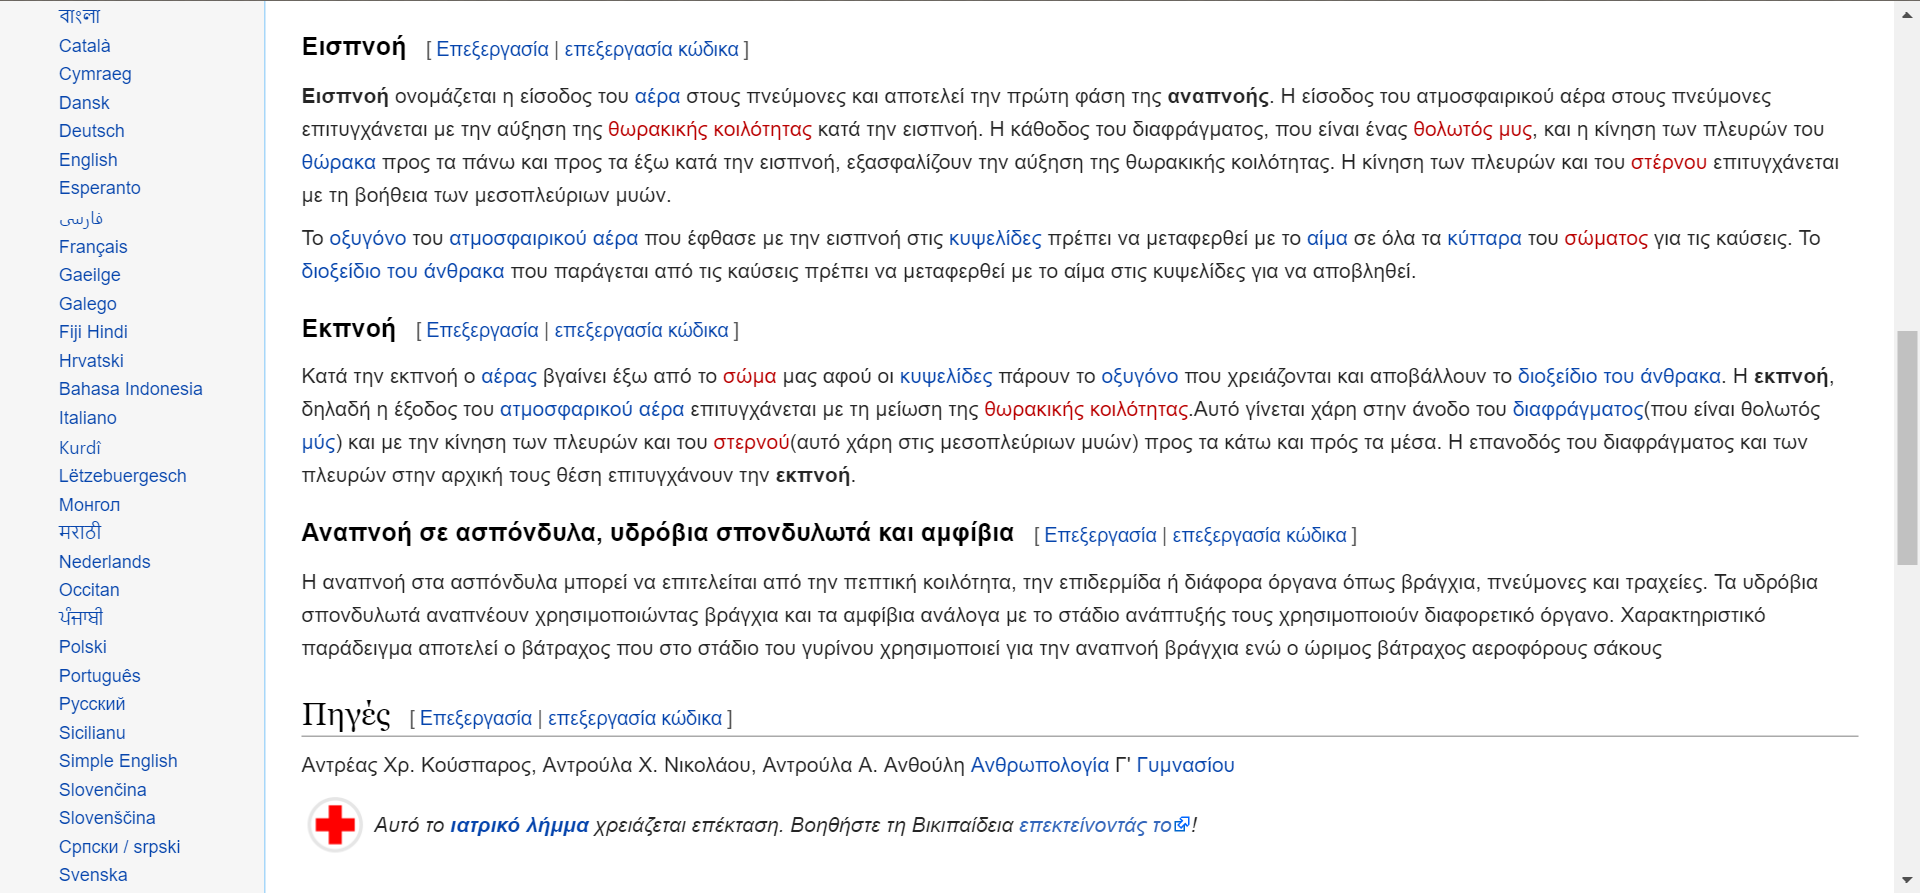 Βικιπαίδεια